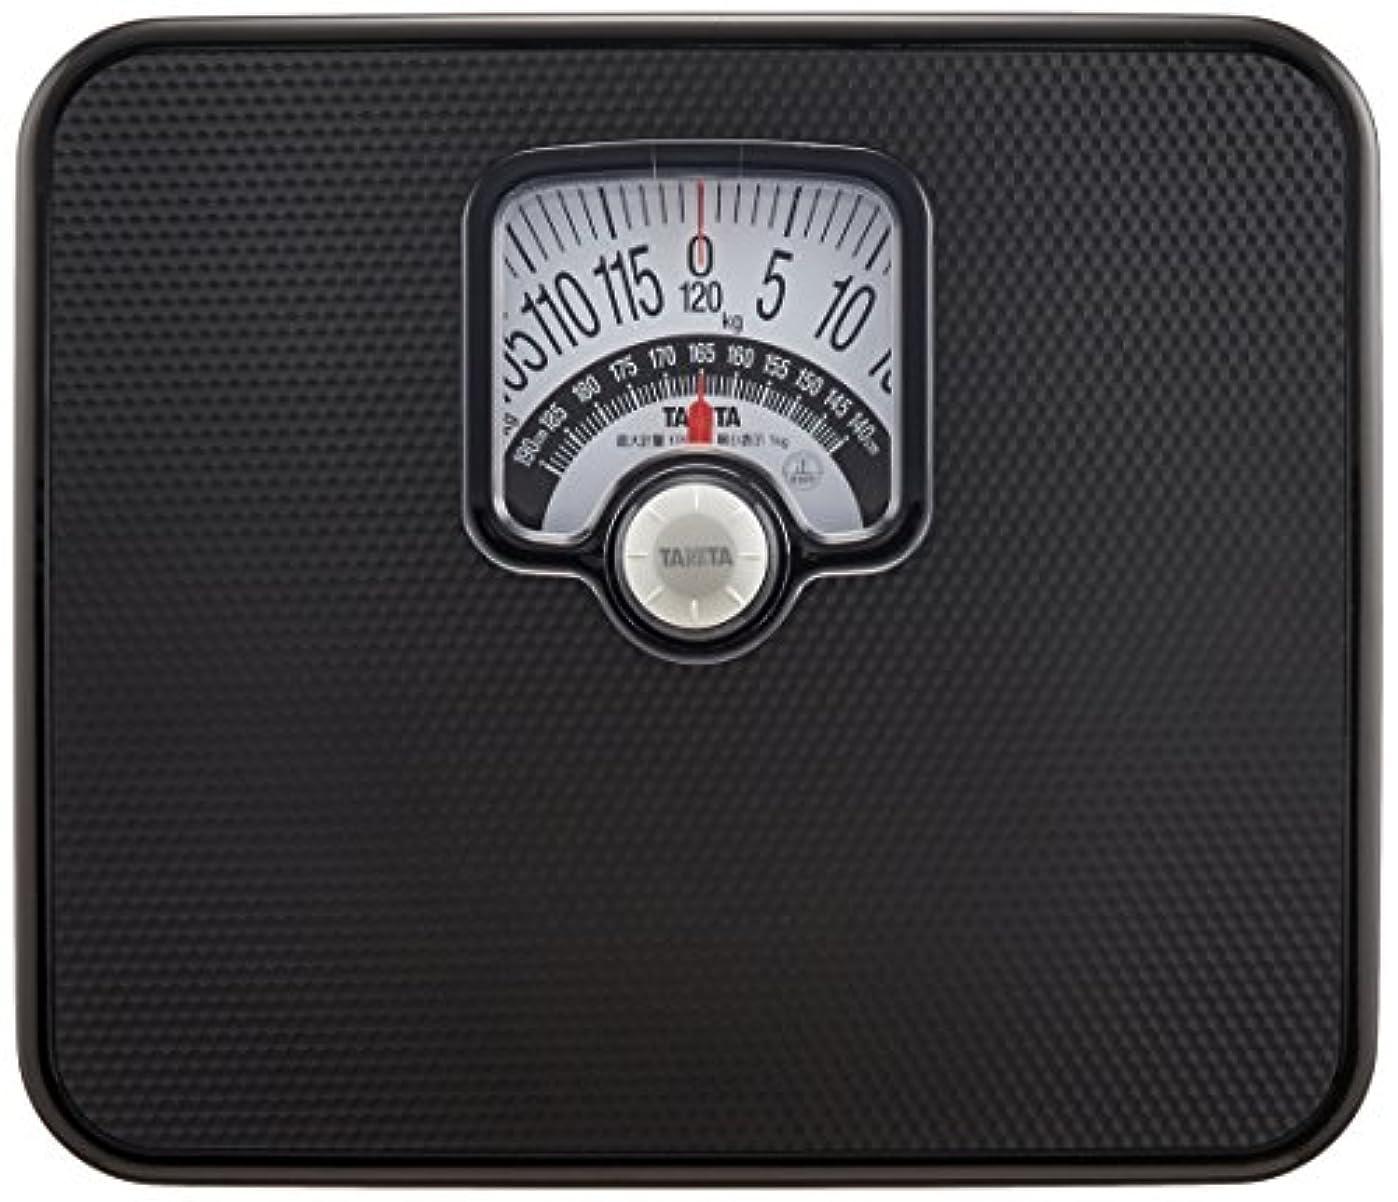 価値レンダー麦芽タニタ 体重計 アナログ ブラック BMIチェッカー付き HA-552 BK